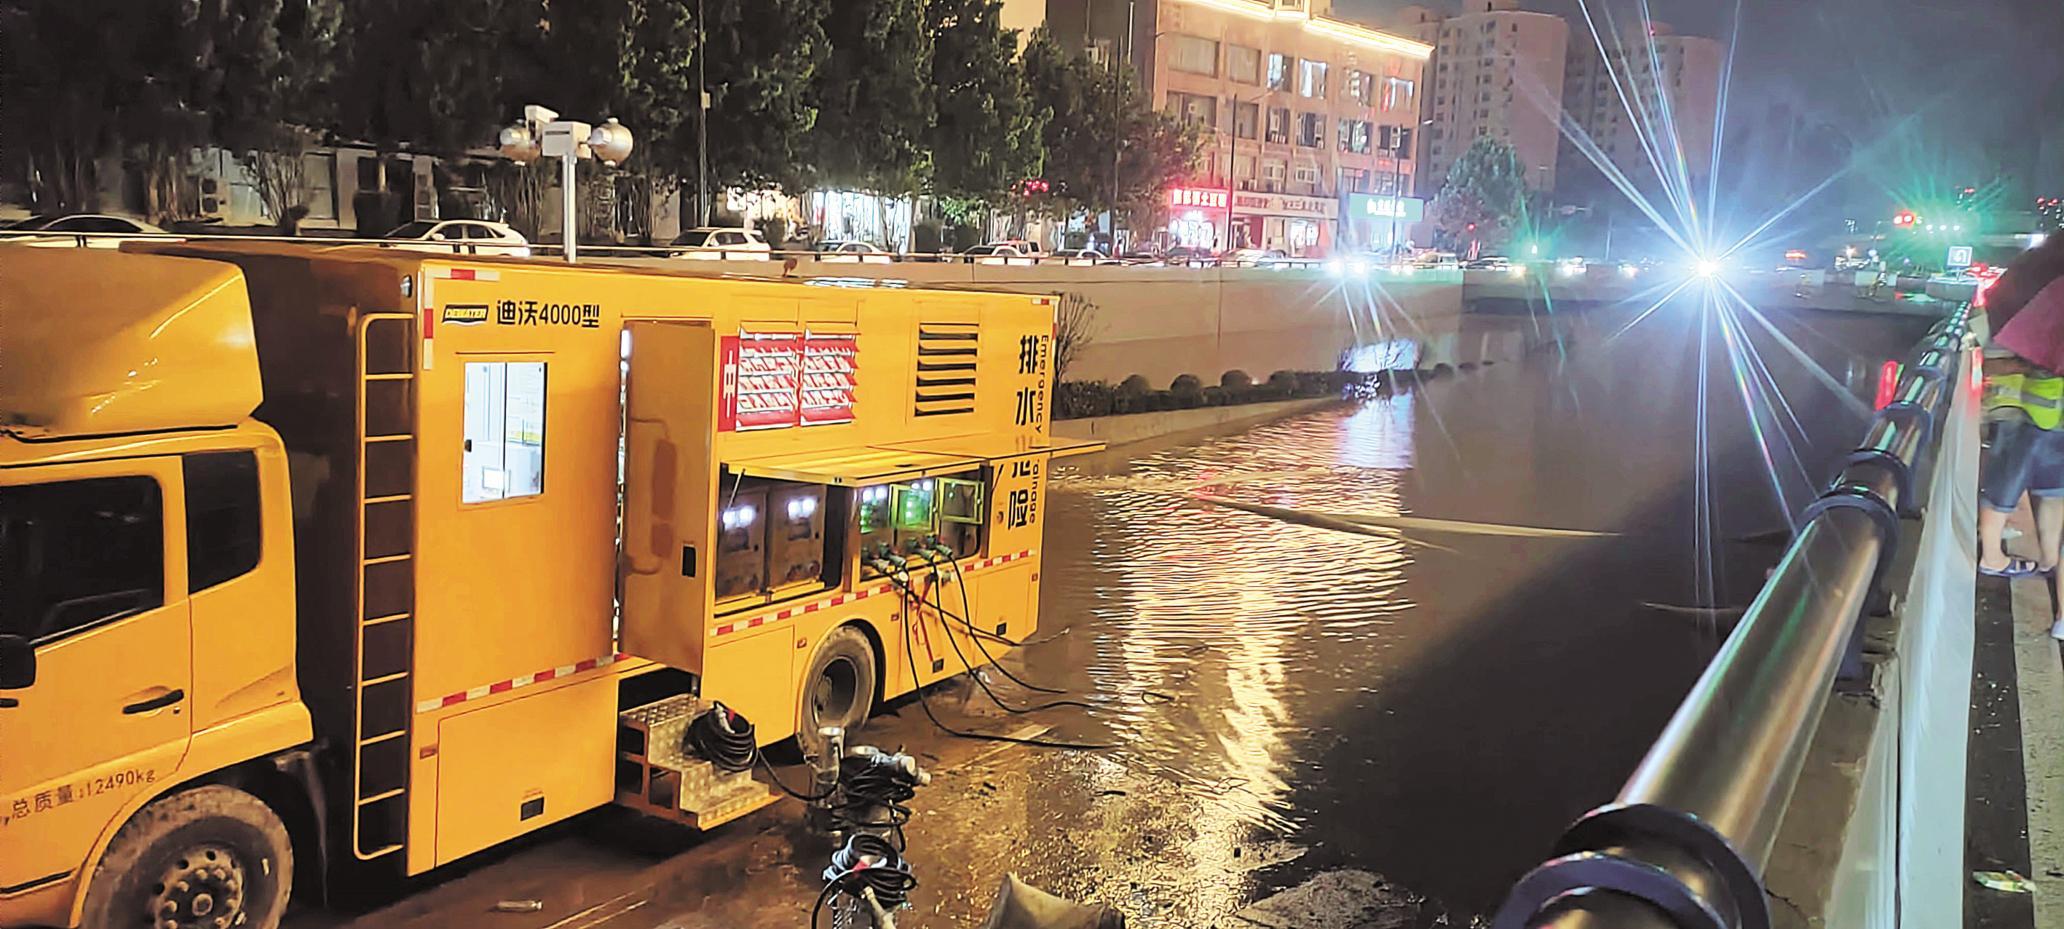 7月7日晚,中国安能武汉救援基地救援队正在郑州站抽排水。 (图片由湖北省应急管理厅提供)